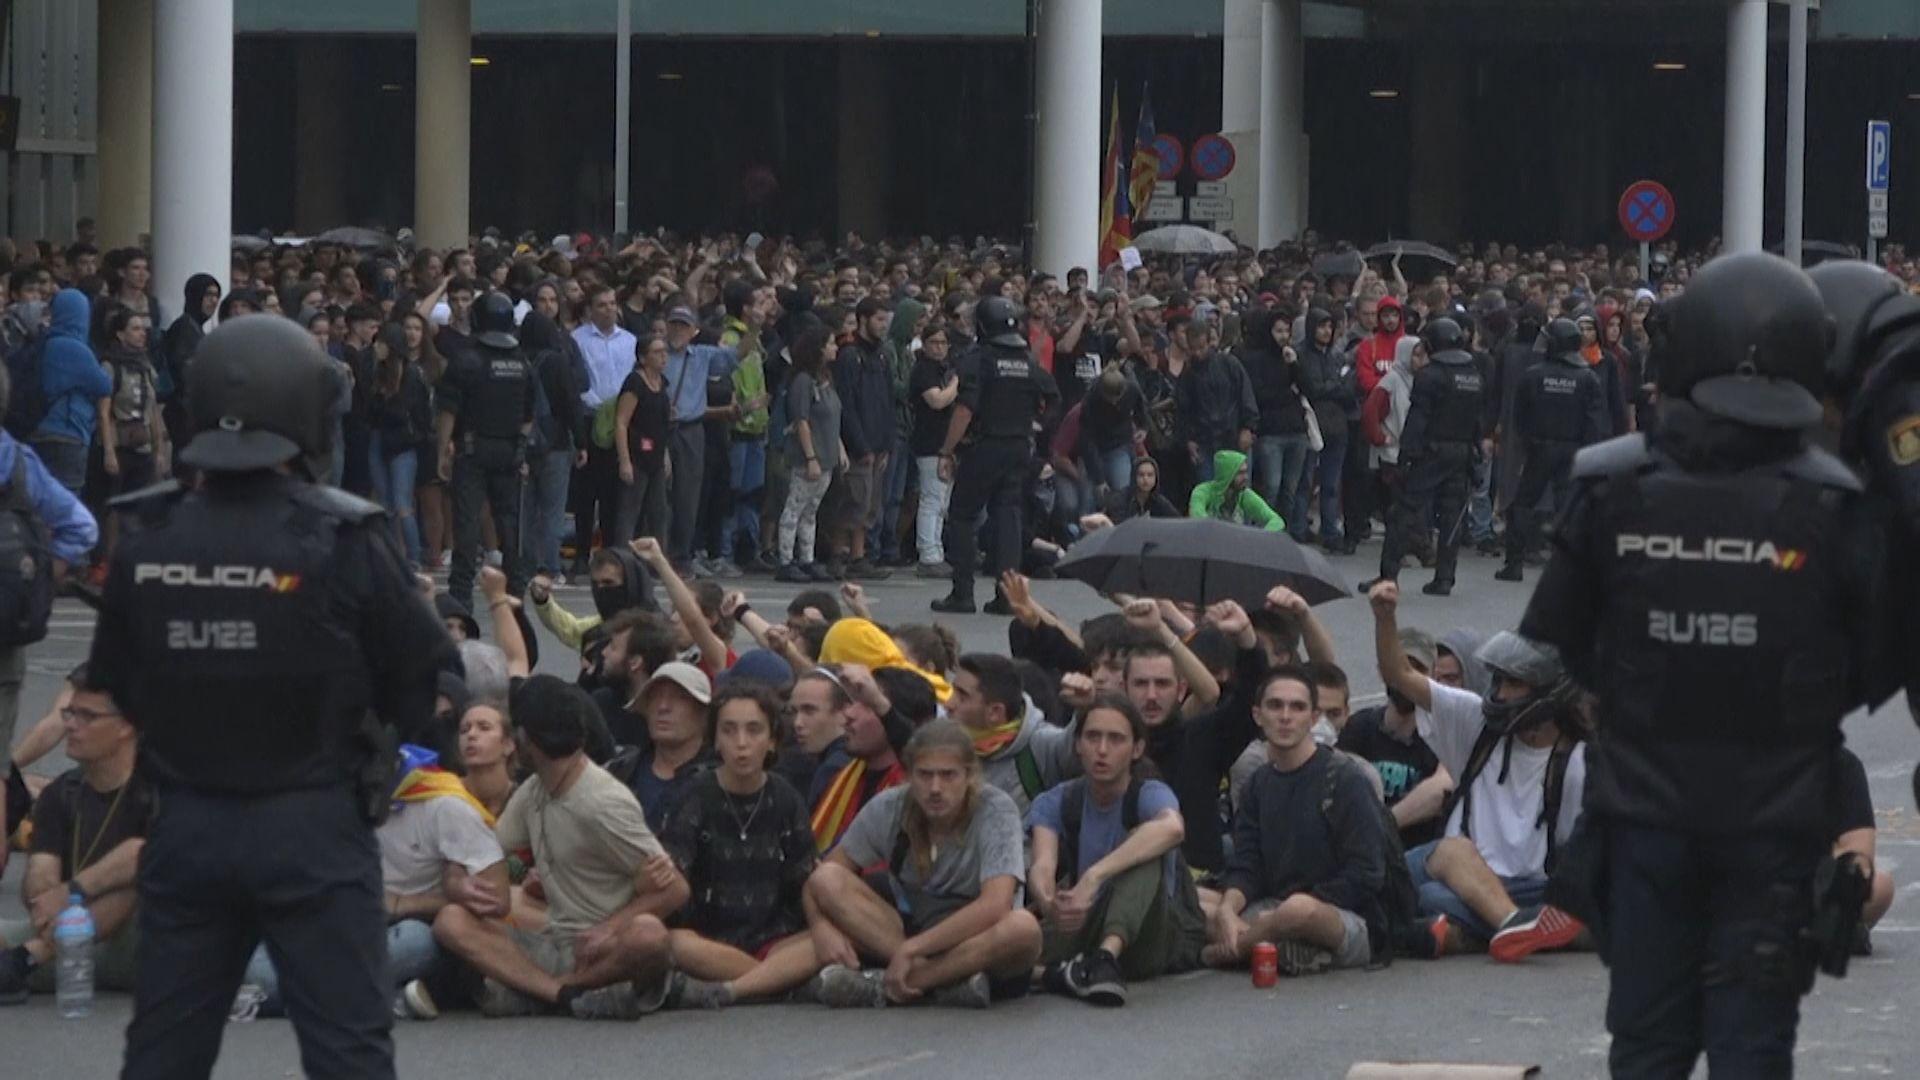 加泰獨派領袖重判入獄示威者圖癱瘓巴塞機場